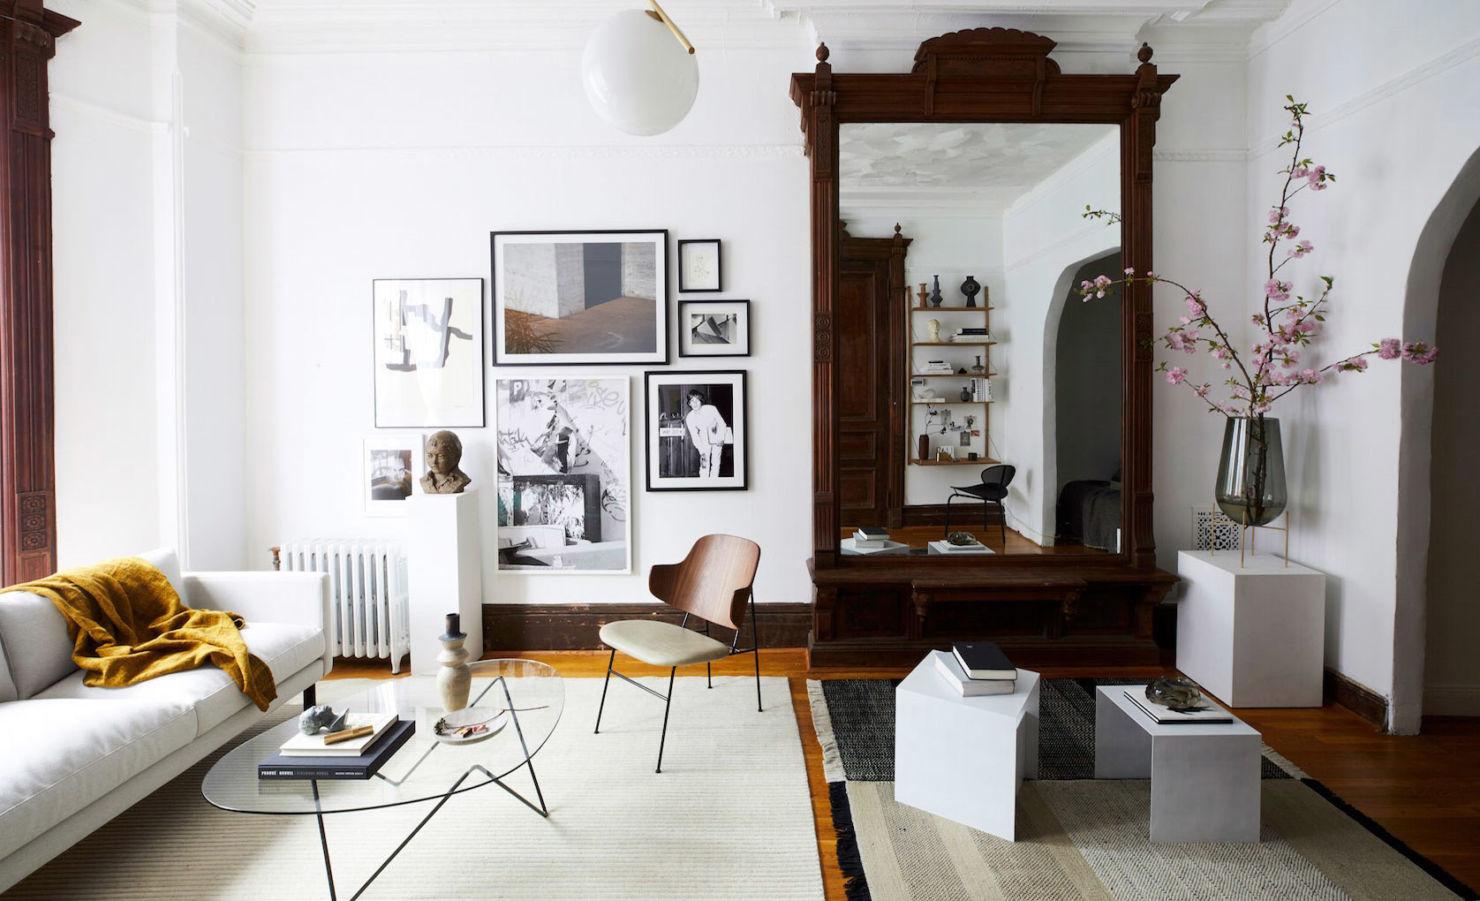 Tips de decoración que mejorarán tu sala de manera fácil y rápida